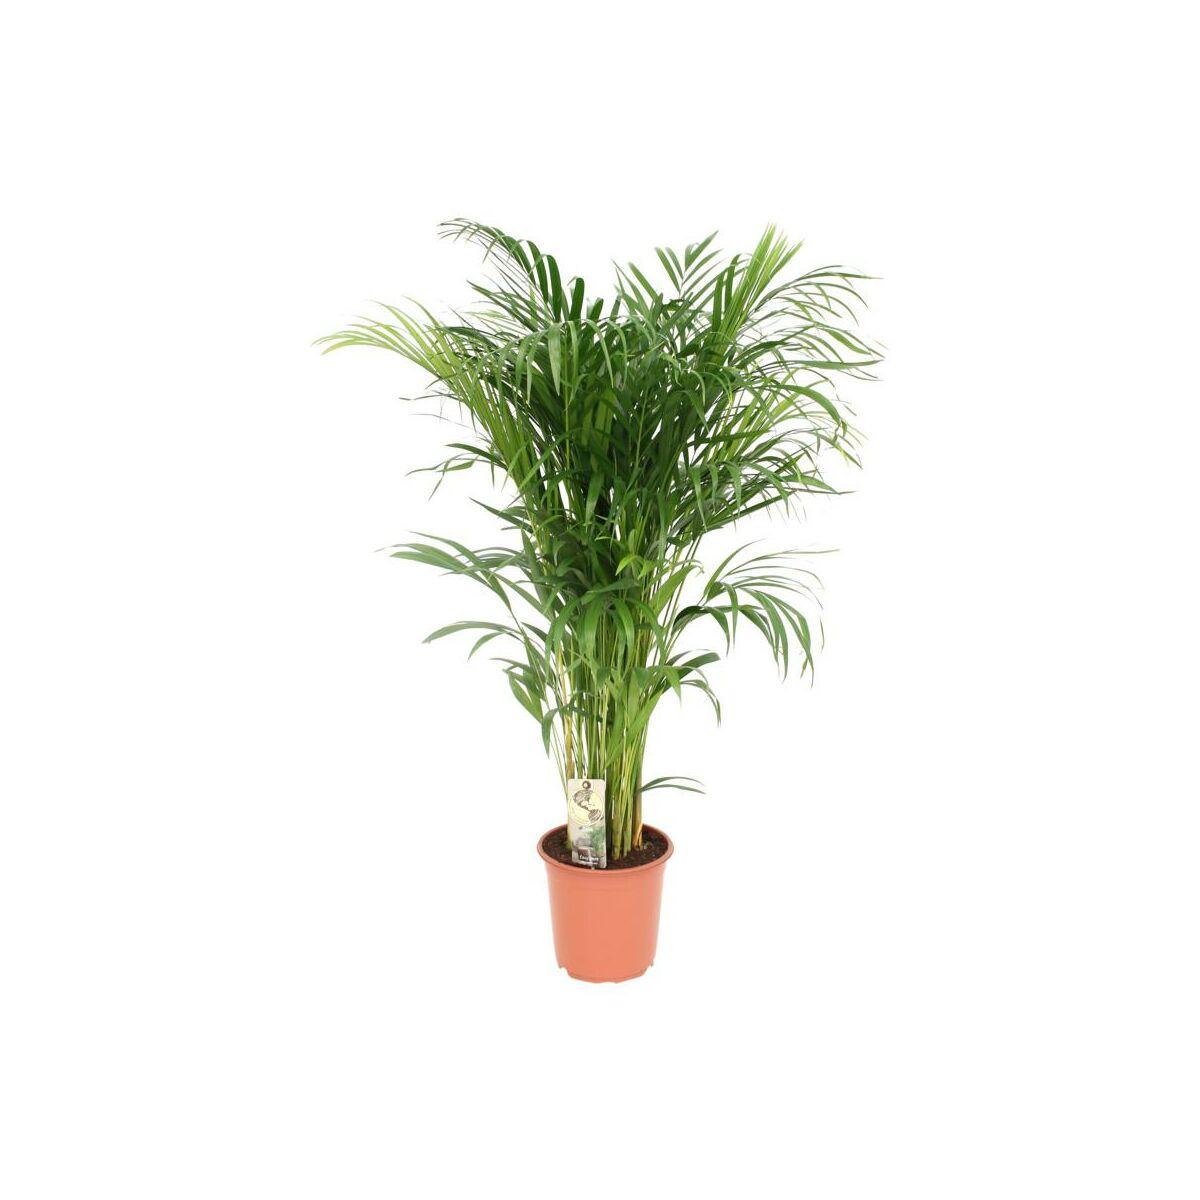 Areka 110 125 Cm Rosliny Zielone W Atrakcyjnej Cenie W Sklepach Leroy Merlin